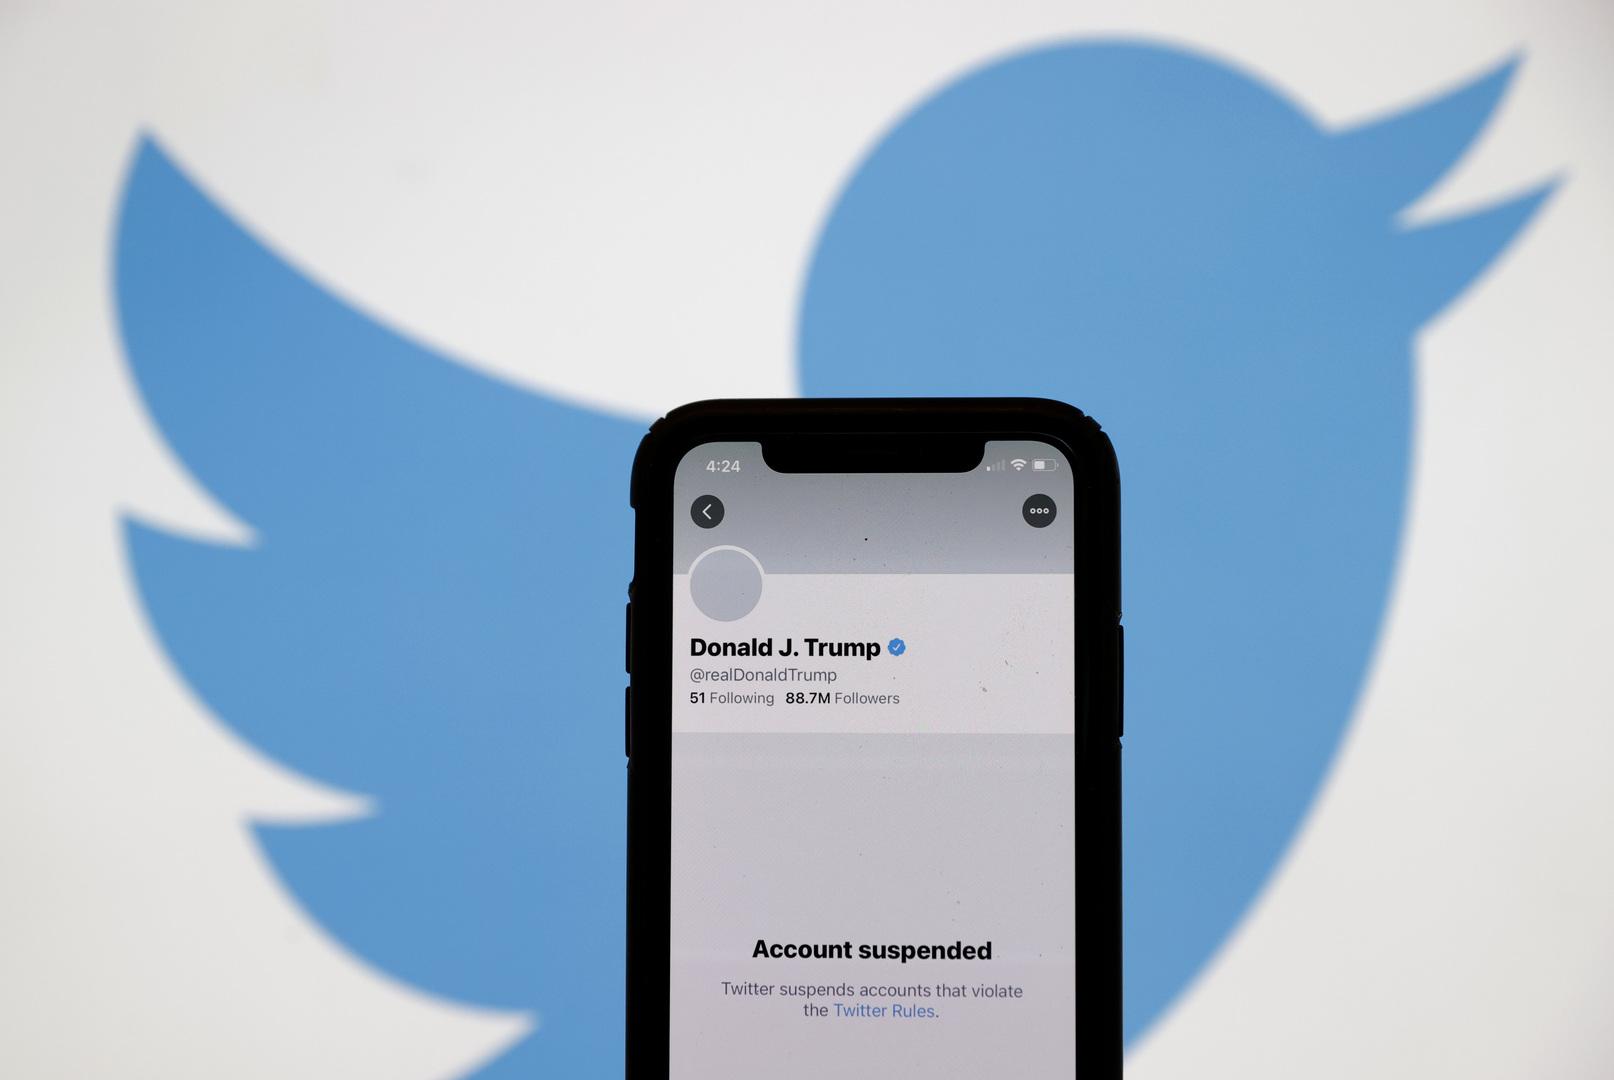 وزير فرنسي يتضامن مع ترامب ضد تويتر